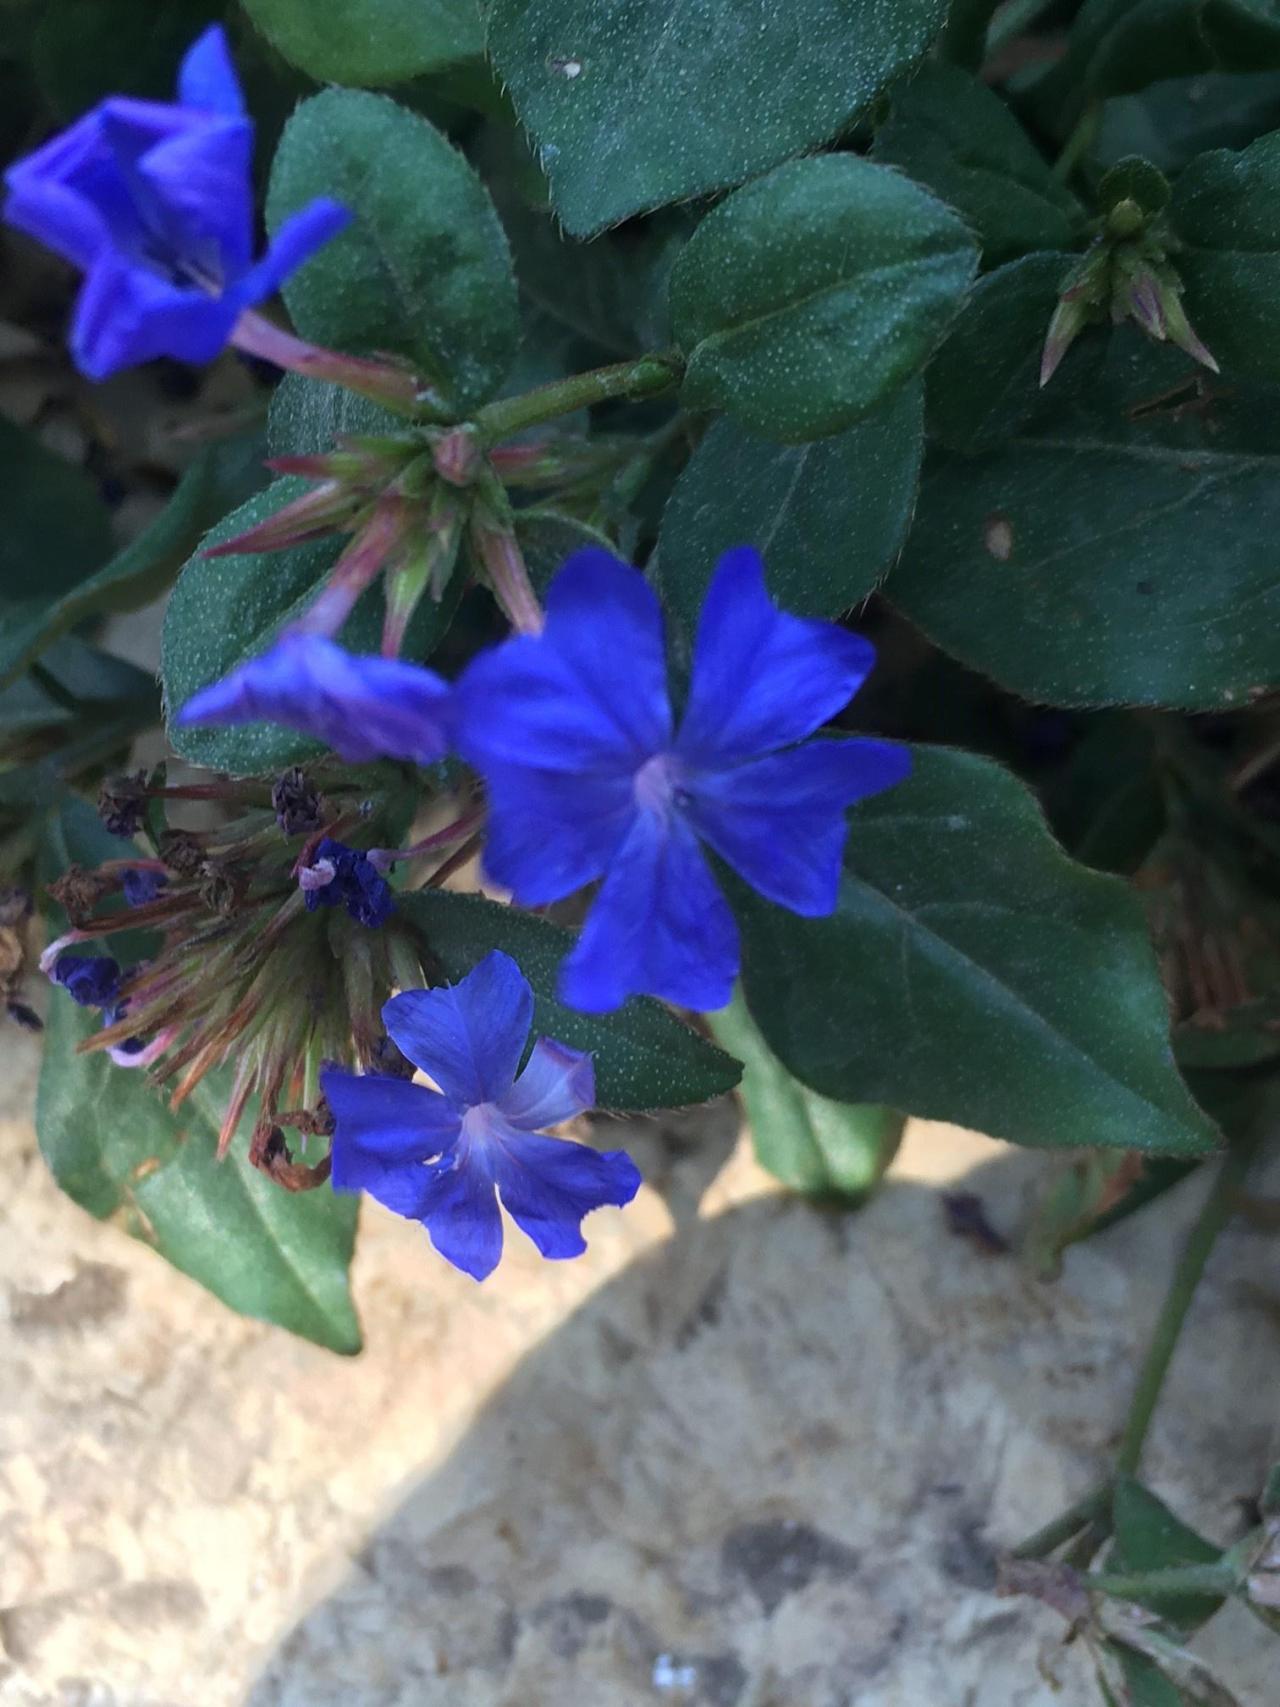 Gardening Blue Flower